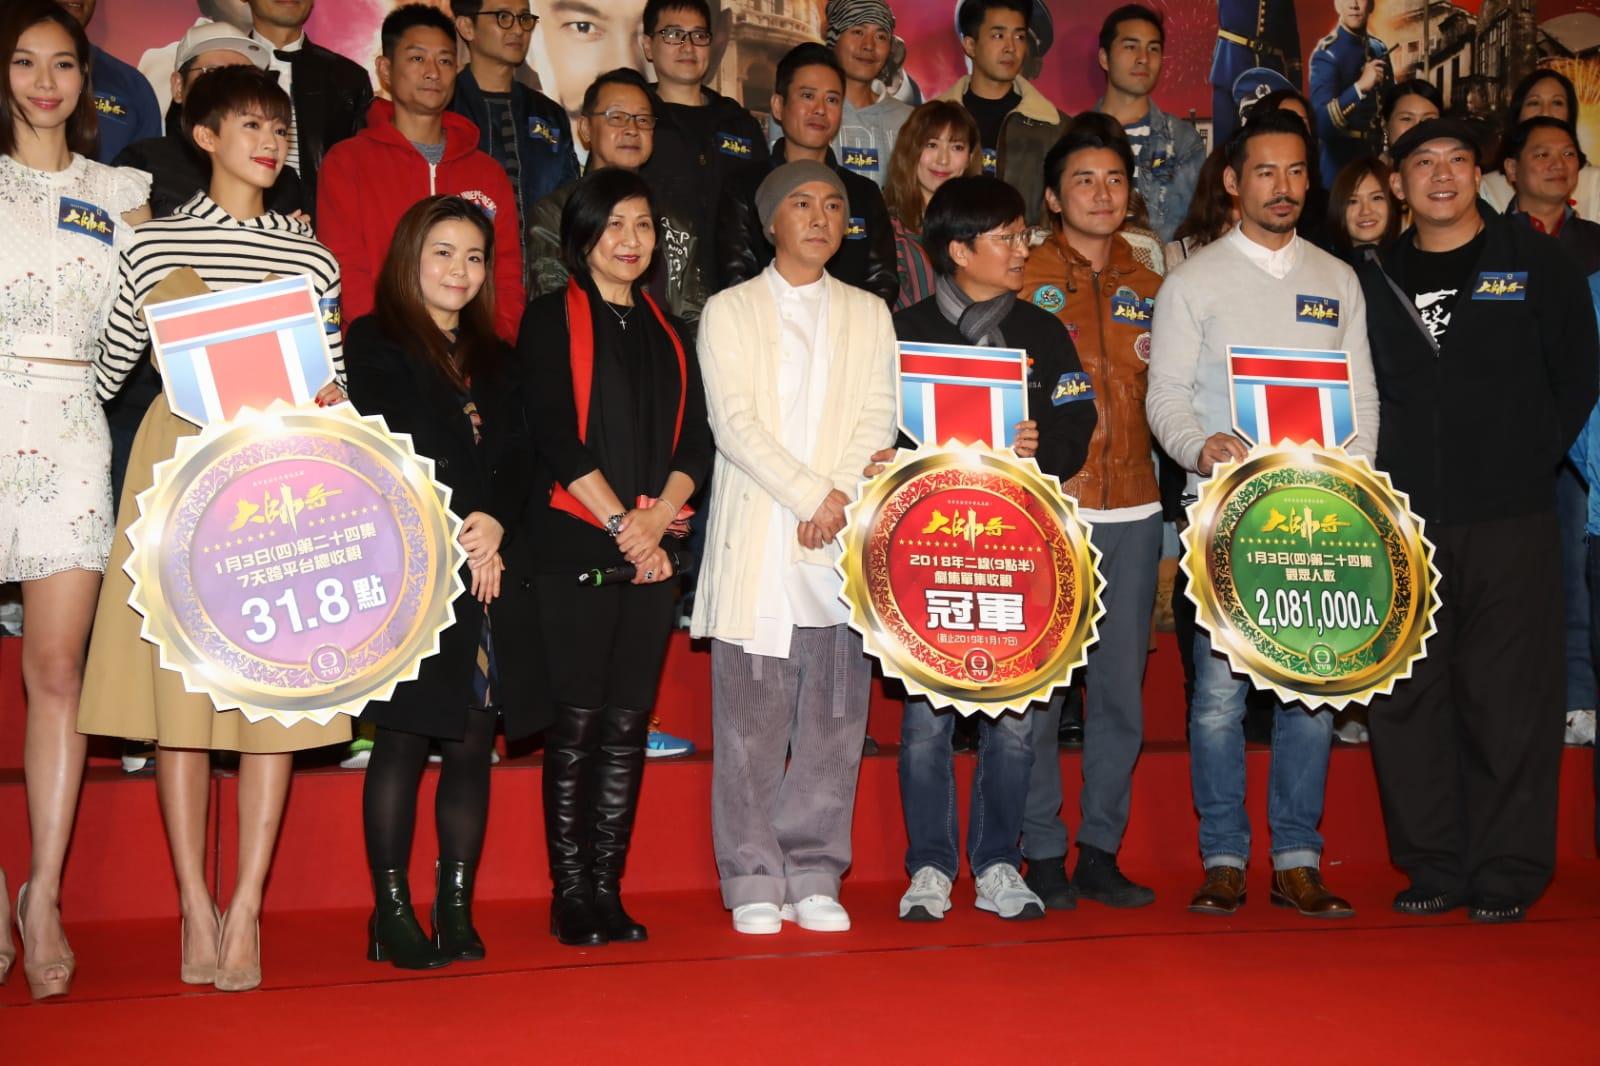 今晚張衛健率領一眾演員蔡思貝、洪永城等出席祝捷晚宴。